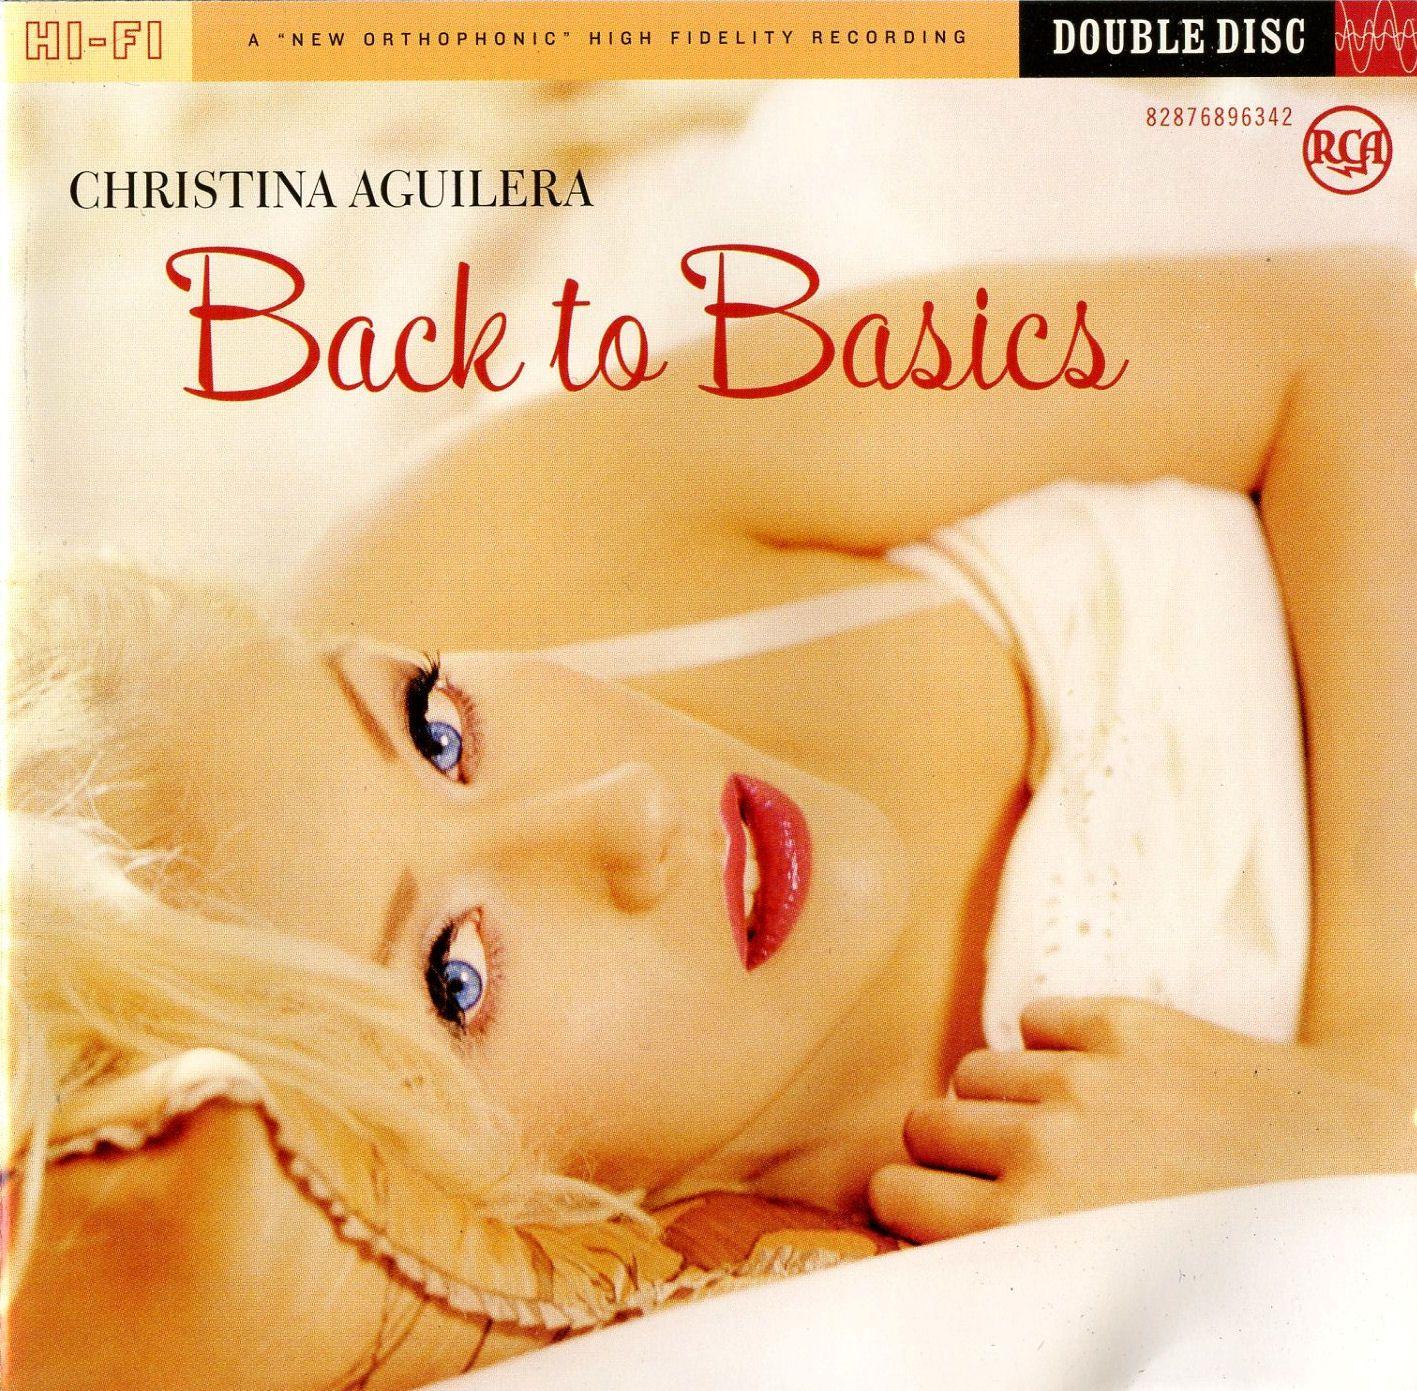 Christina Aguilera - Back To Basics album cover